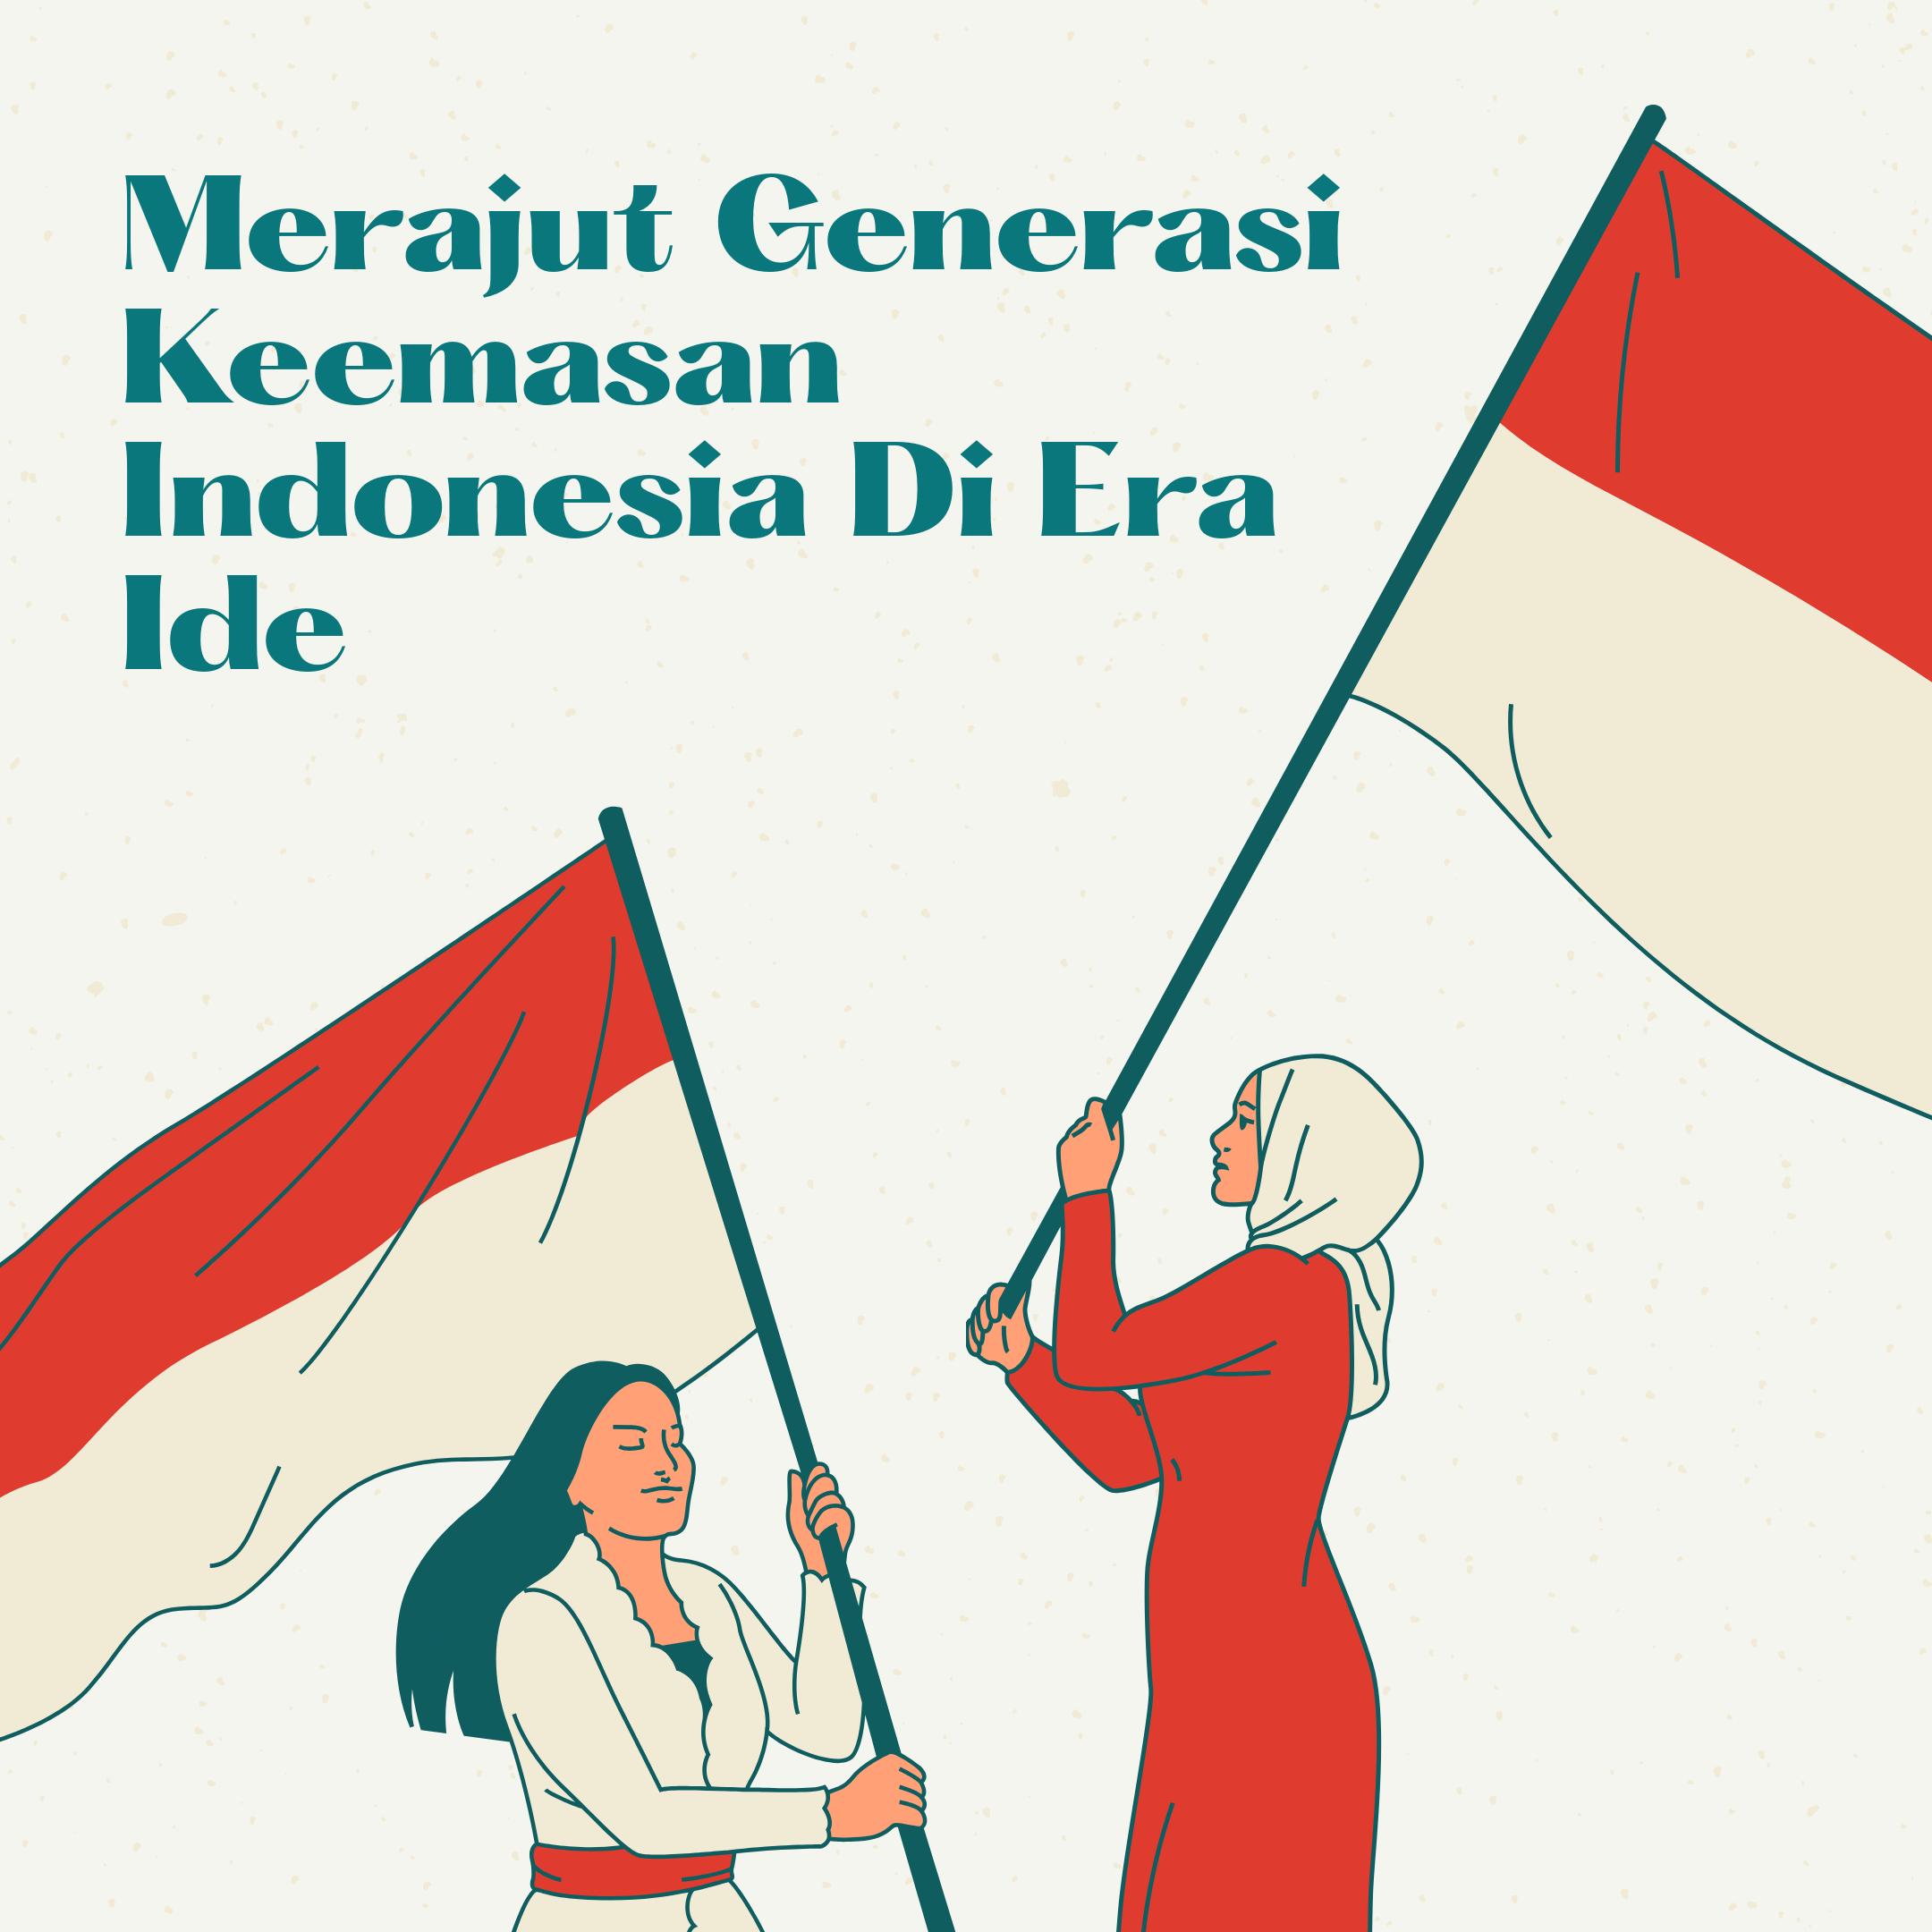 Merajut Generasi Keemasan Indonesia di Era Ide